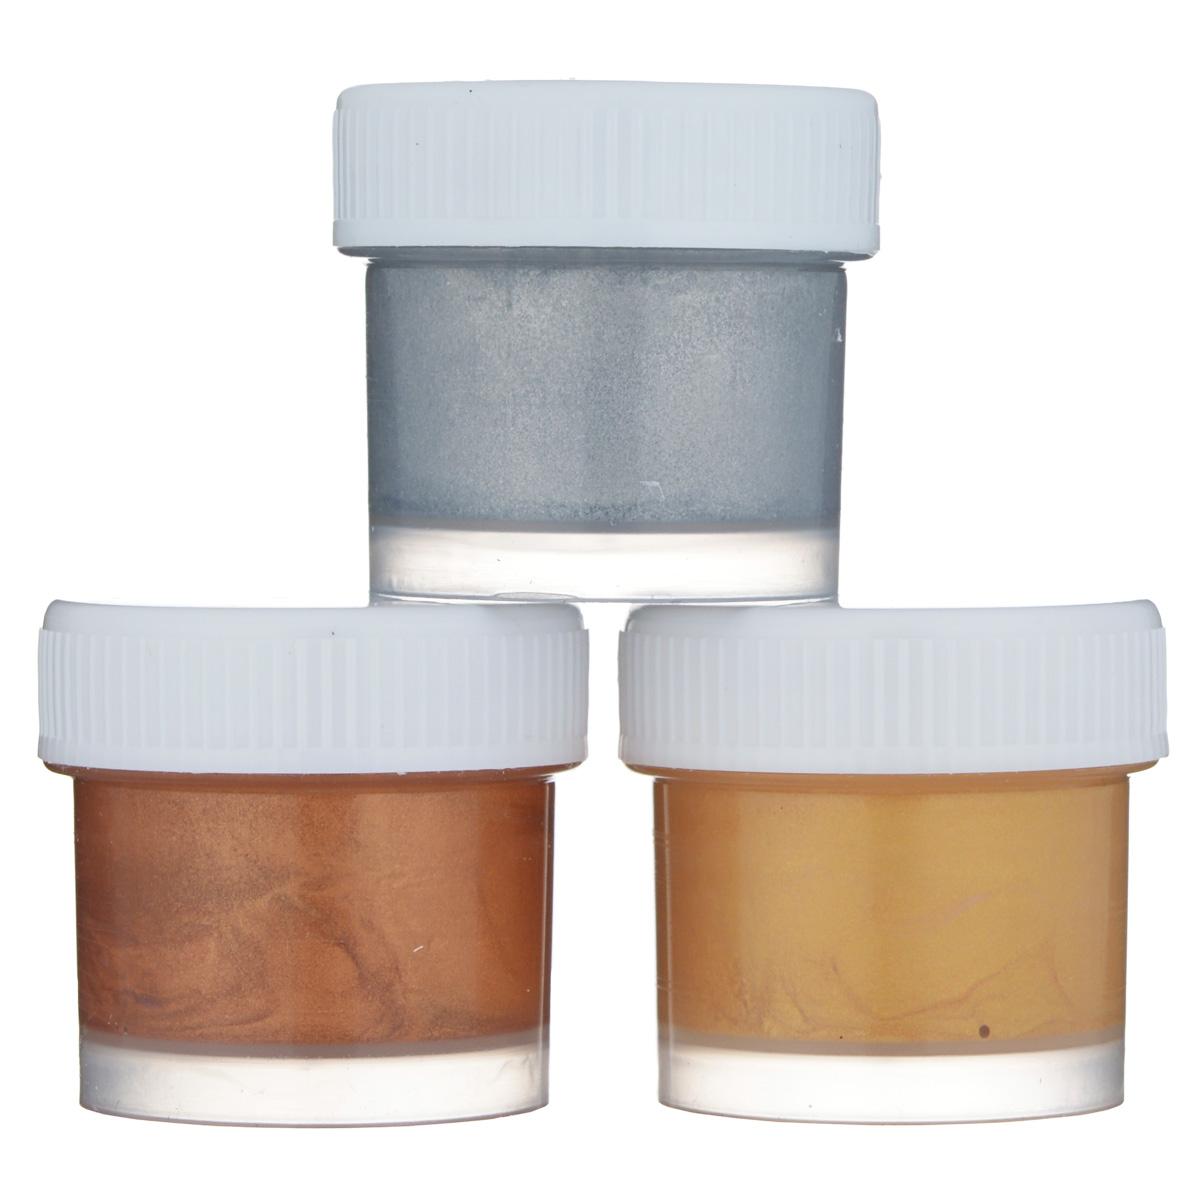 Краски акриловые Луч Металлик, 15 мл, 3 шт22С 1399-08Акриловые краски Луч Металлик предназначены для росписи по гипсу, дереву, бумаге, картону, керамике.Имеют ярко выраженный металлический цвет и блеск. В наборе краски трех ярких цветов: серебристый, золотистый, медный. Успех этих современных красок вызван, главным образом, простотой их применения, универсальностью ибыстротой высыхания.Объем: 15 мл.